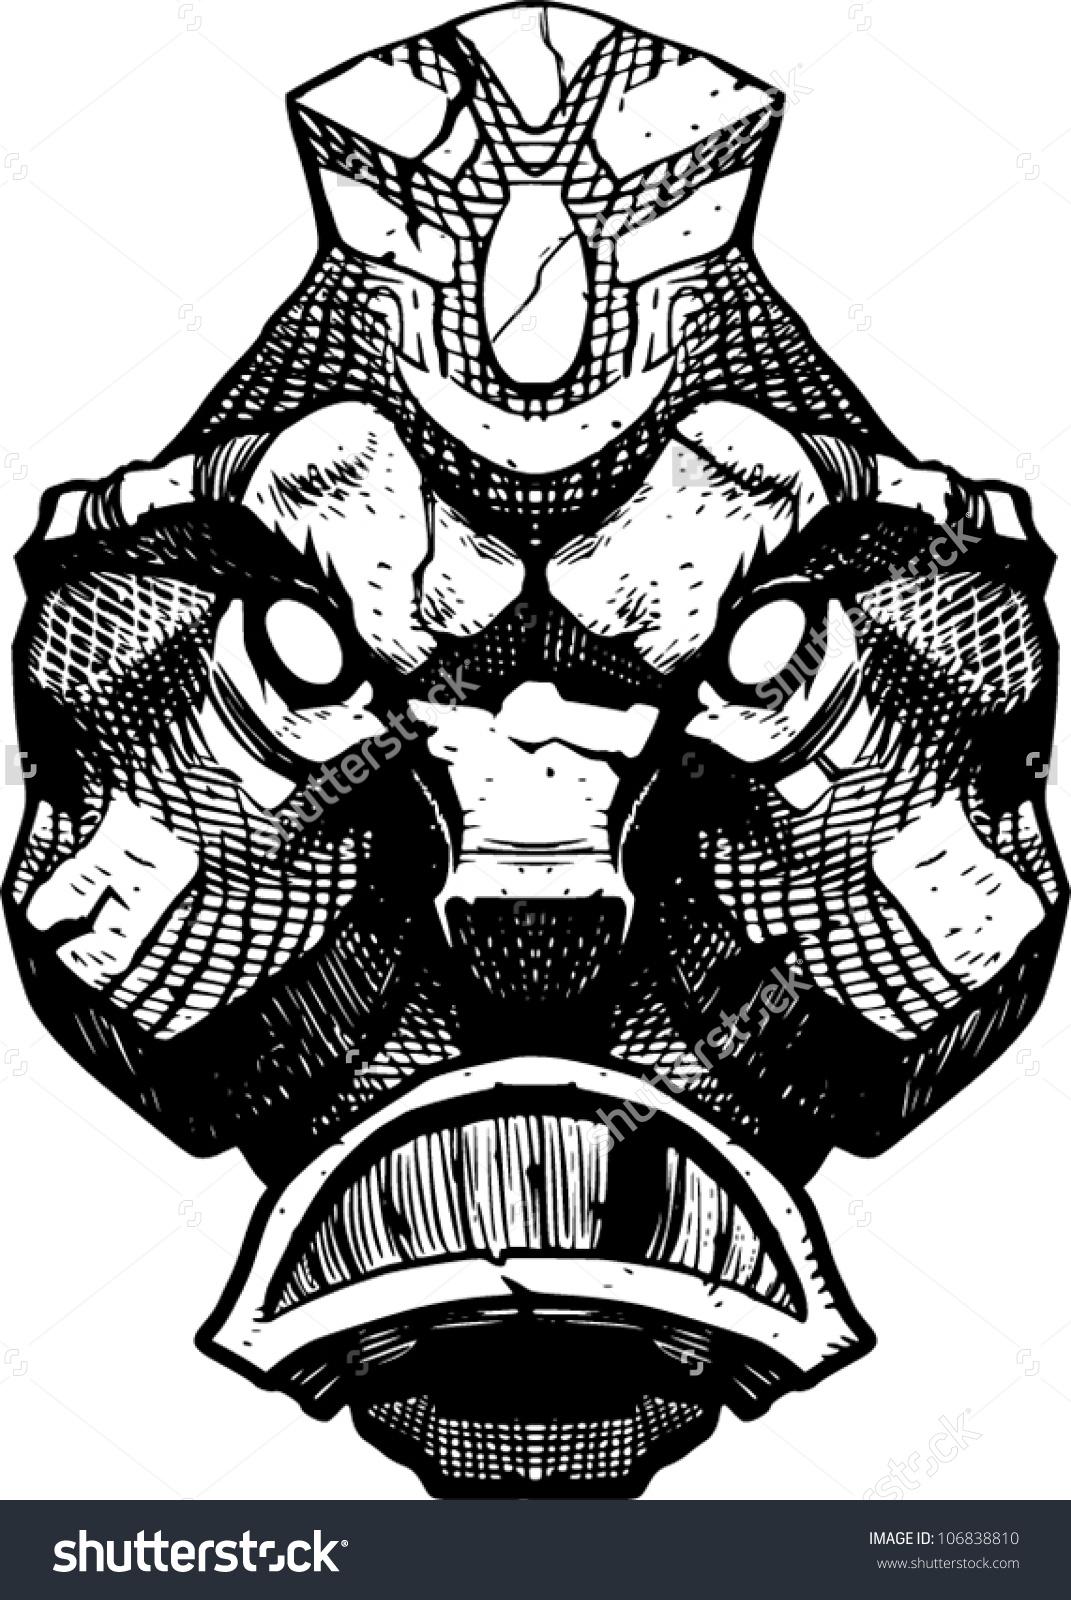 Mask clipart angry bird Angry Angry Mask Tiki collection